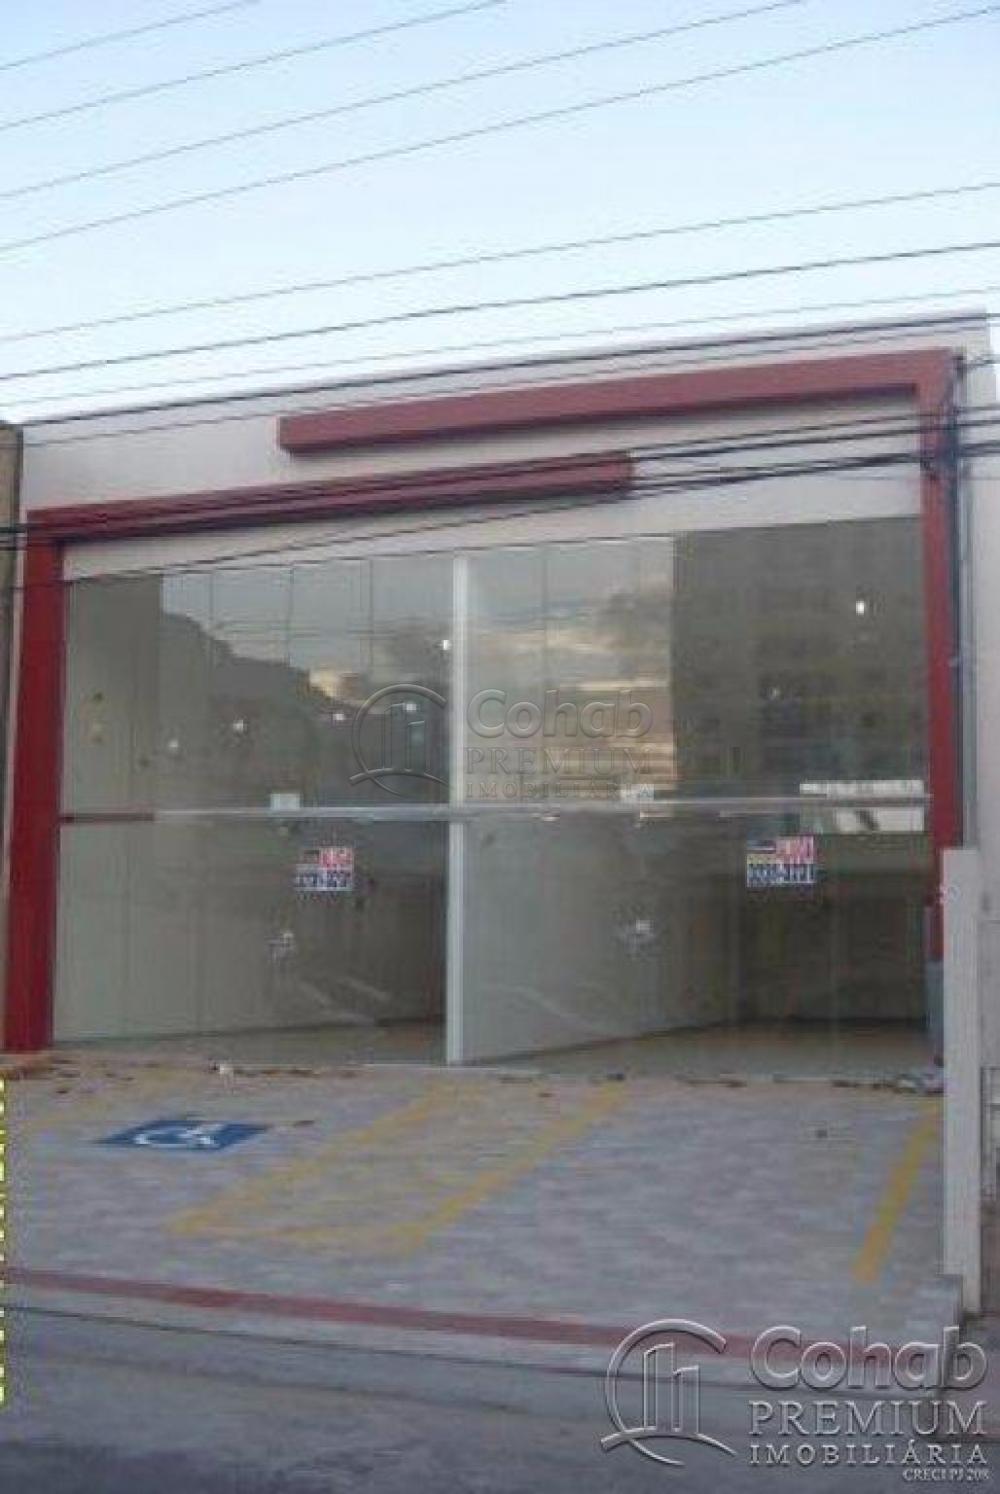 Alugar Comercial / Ponto Comercial em Aracaju apenas R$ 4.000,00 - Foto 1